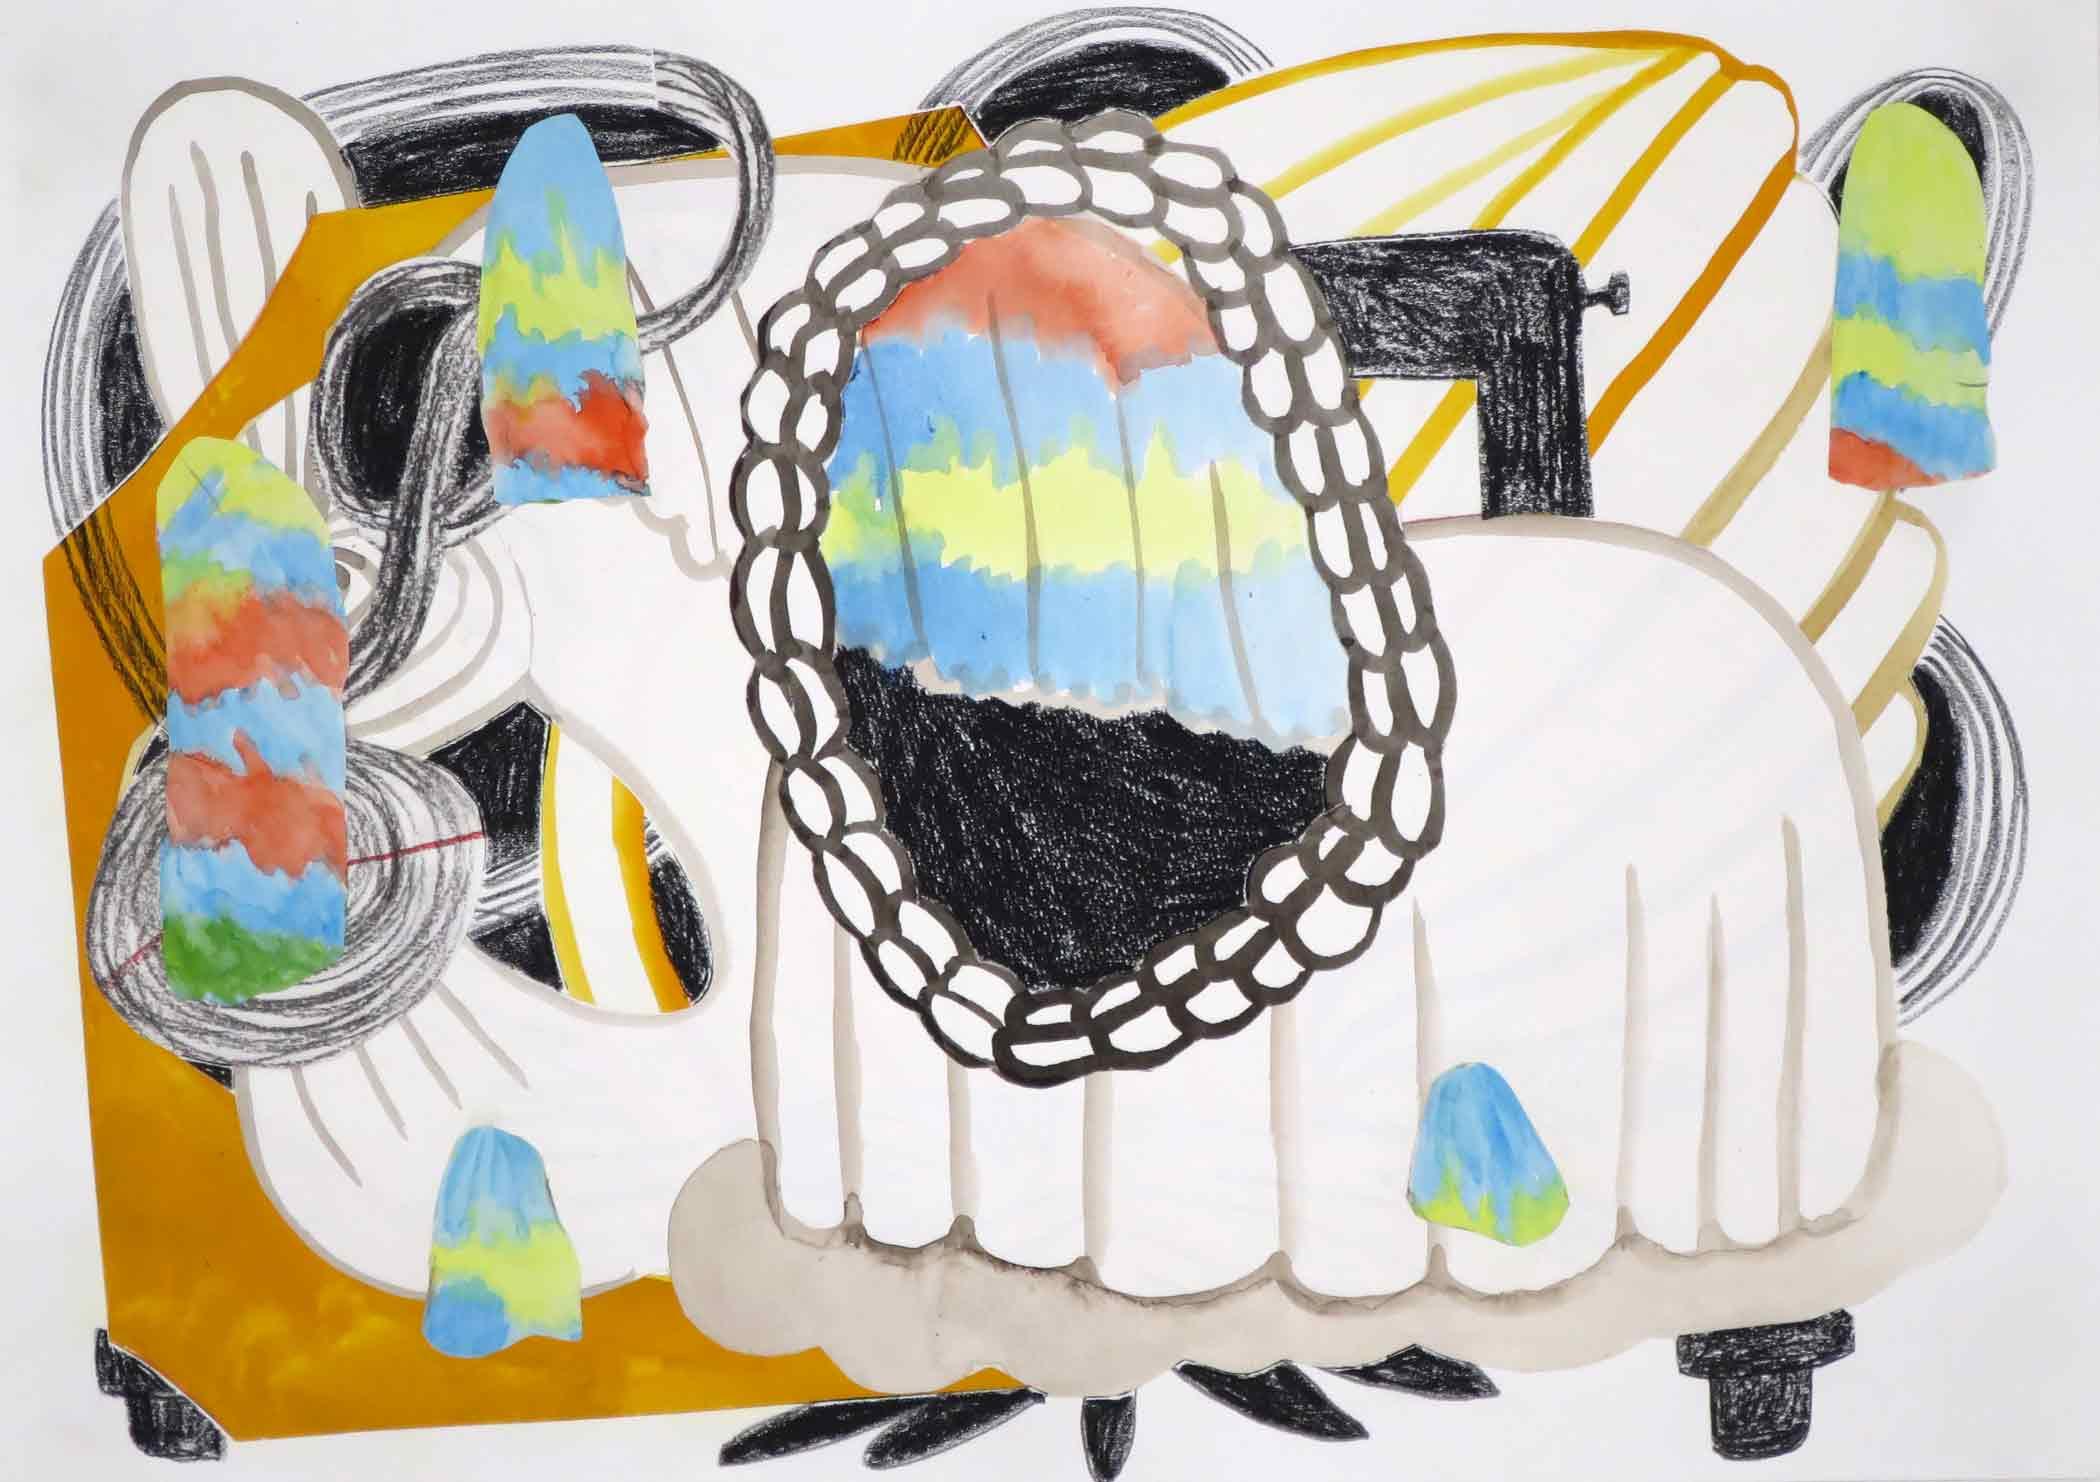 Verloren titel (Lost title)  collage; potlood, gouache, aquarel 29 x 42 cm, 2017